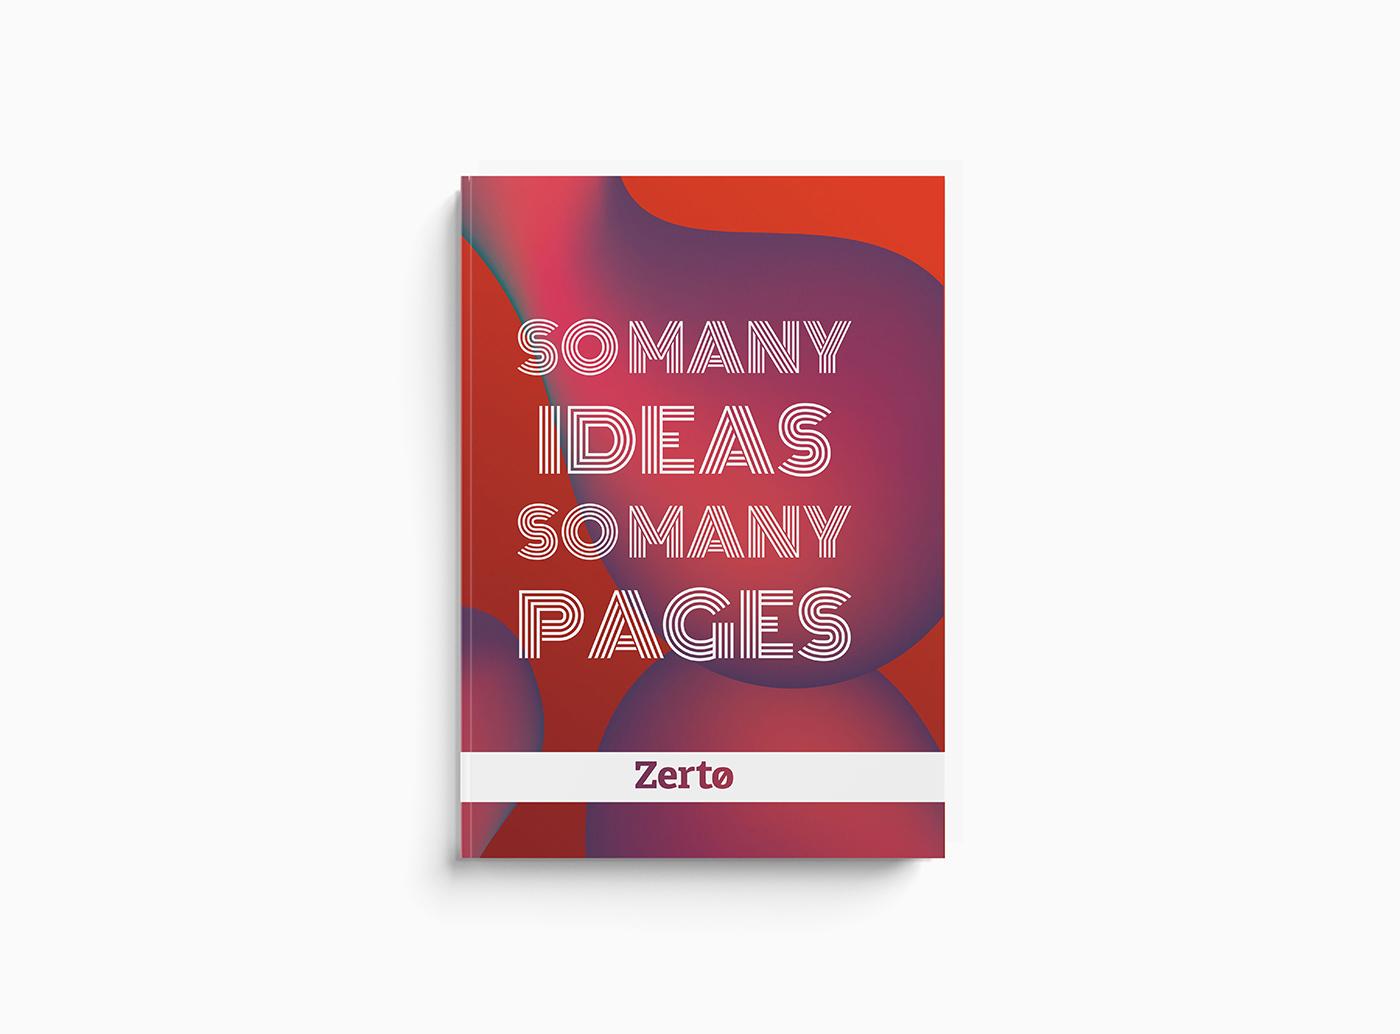 עיצוב לחברה, זרטו, דפוס, מחברת, מתנה לעובדים